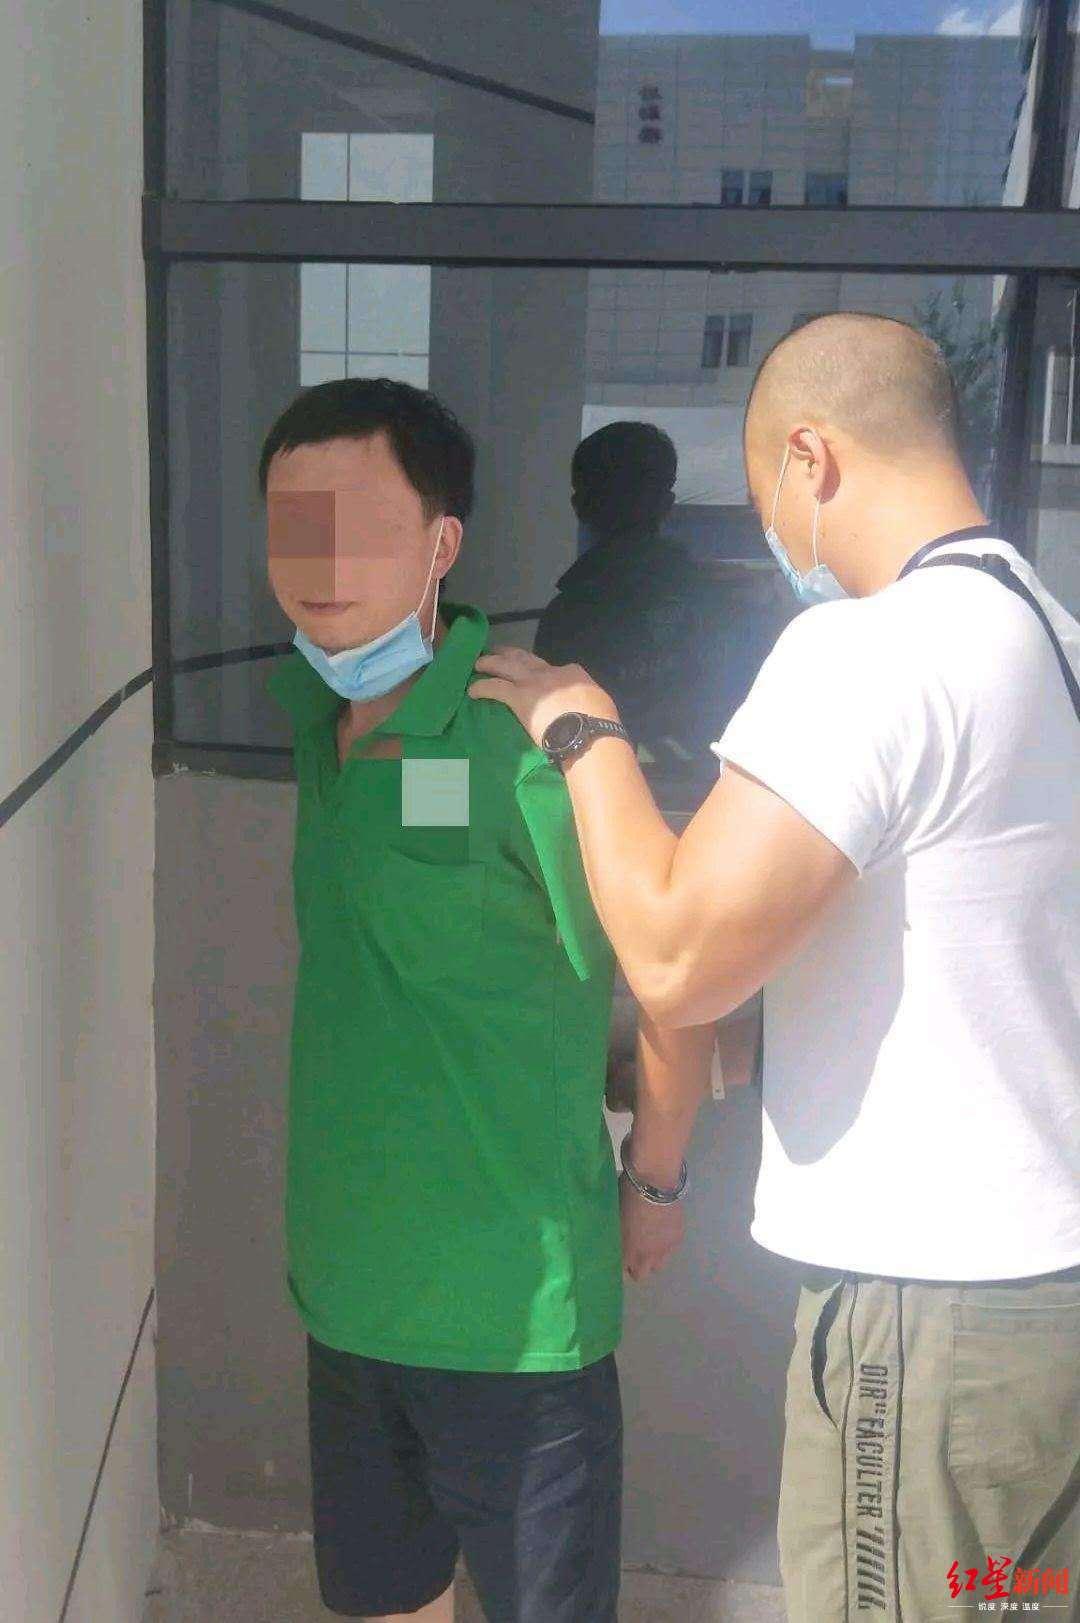 男子玩赌博机被警方行拘采集了DNA 竟牵出14年前行凶命案